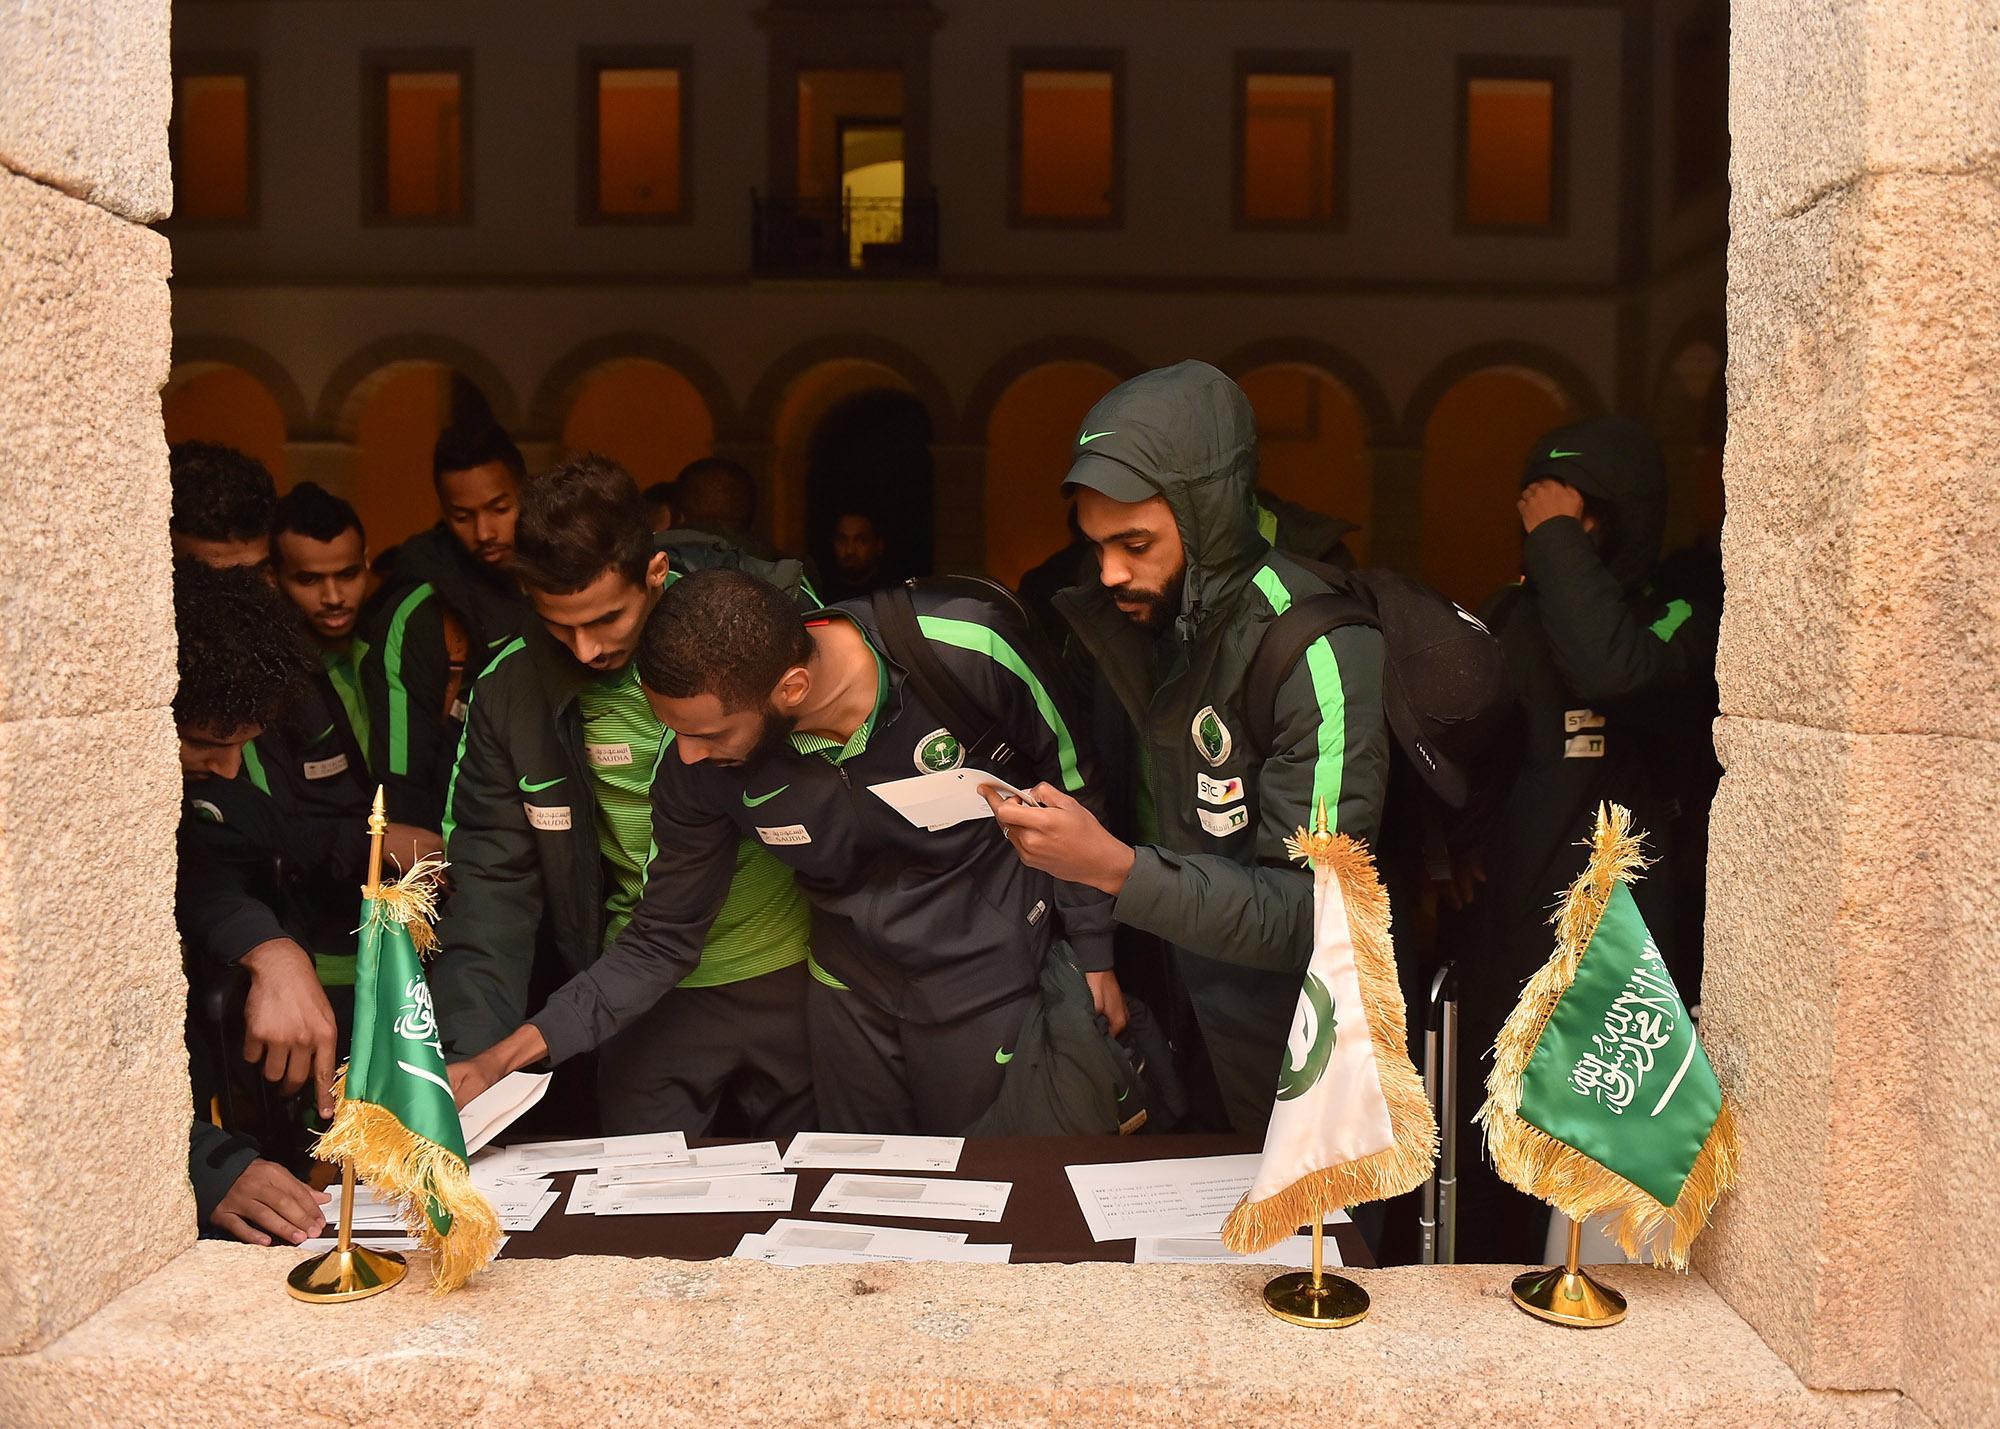 بعثة الأخضر تصل إلى مدينة فيسيو البرتغالية استعدادا لمواجهة البرتغال وديًا